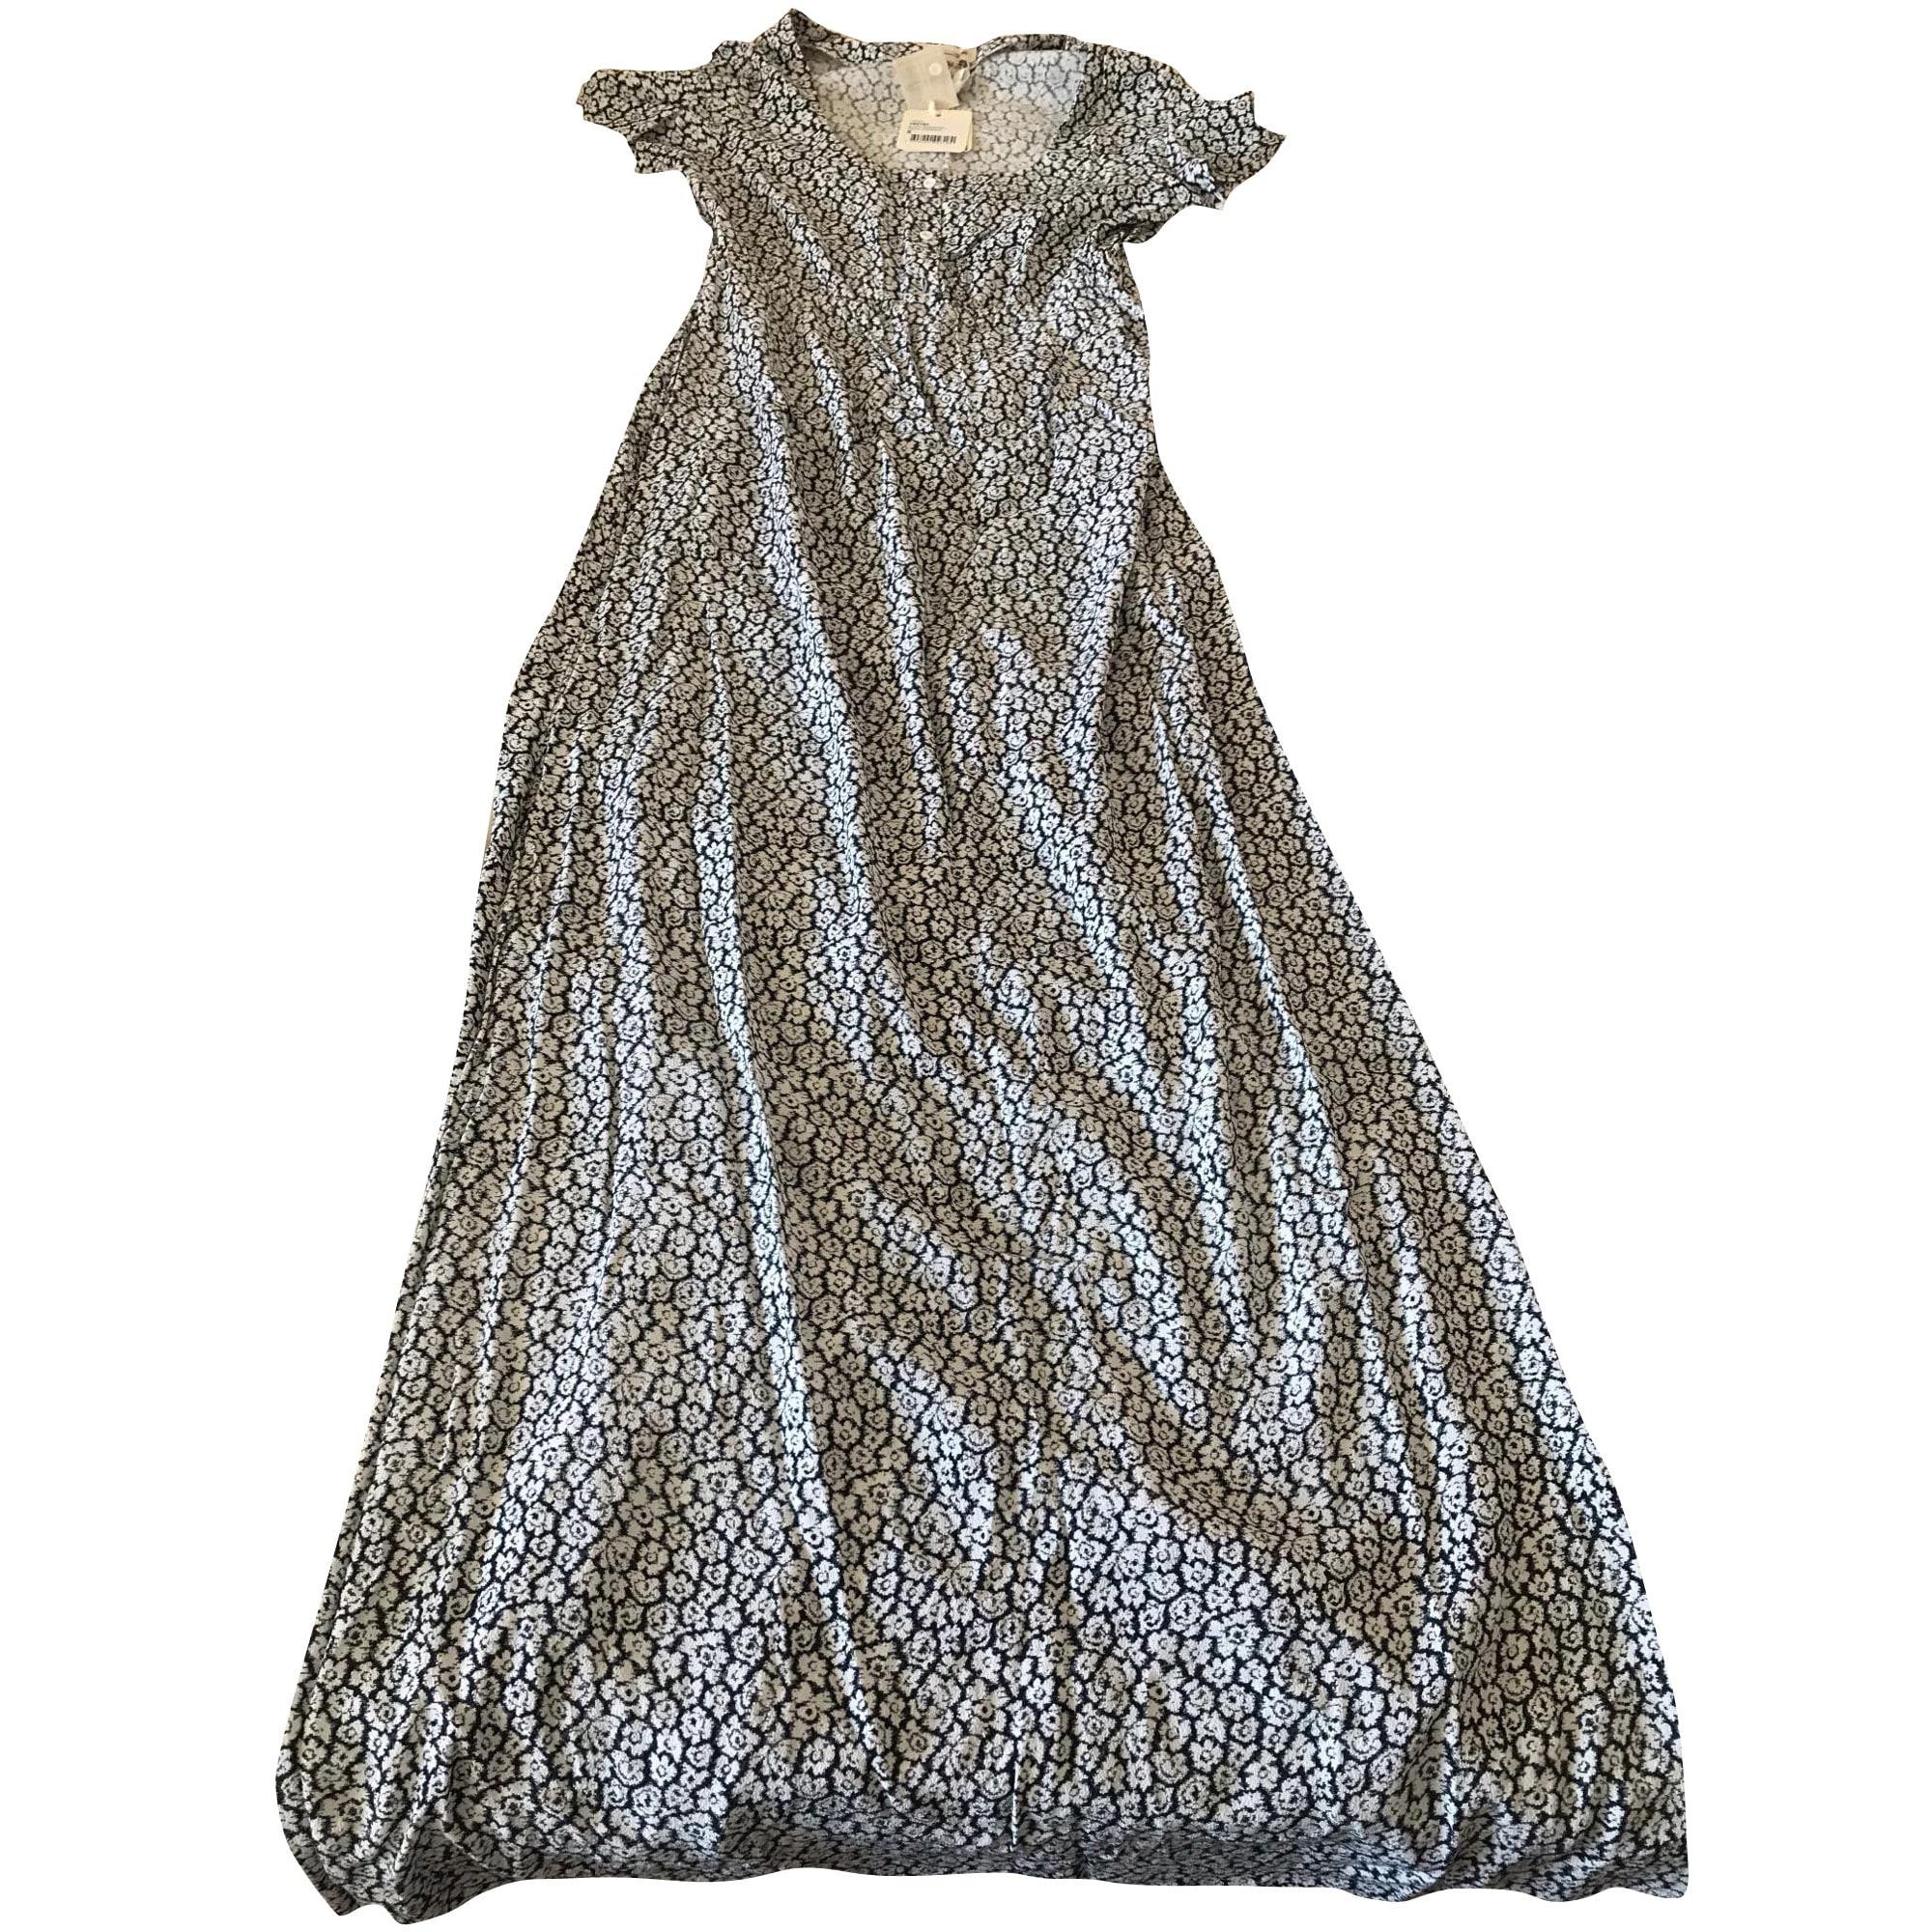 Robe Longue American Vintage 36 S T1 Noire Et Blanche 8409751